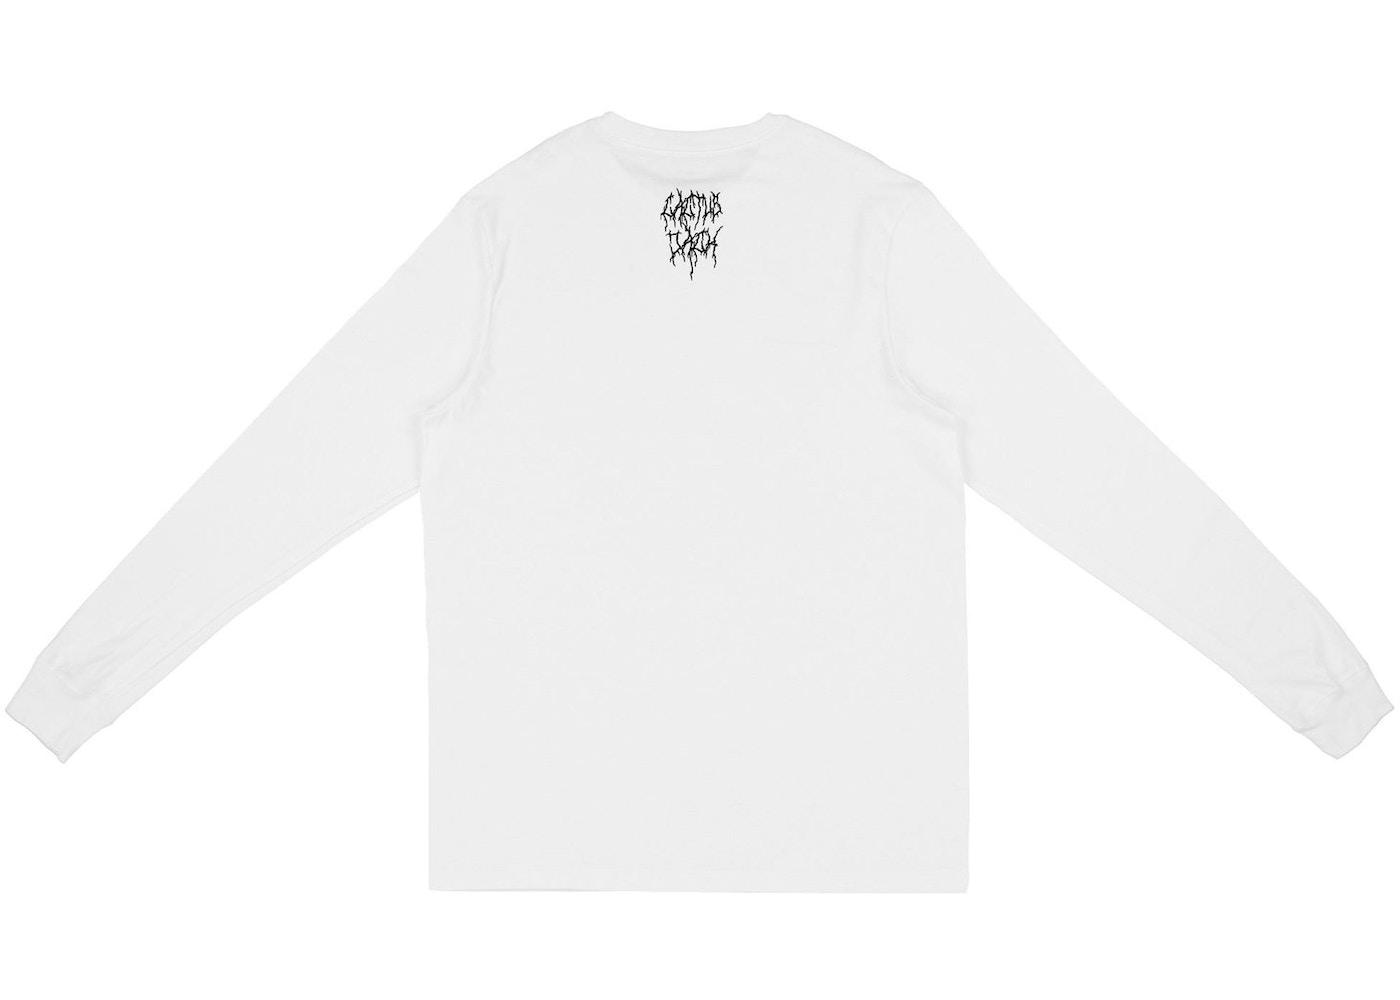 precio moderado zapatos para baratas verdadero negocio Travis Scott Cactus Jack For Nike SB Longsleeve T-Shirt White - SS20